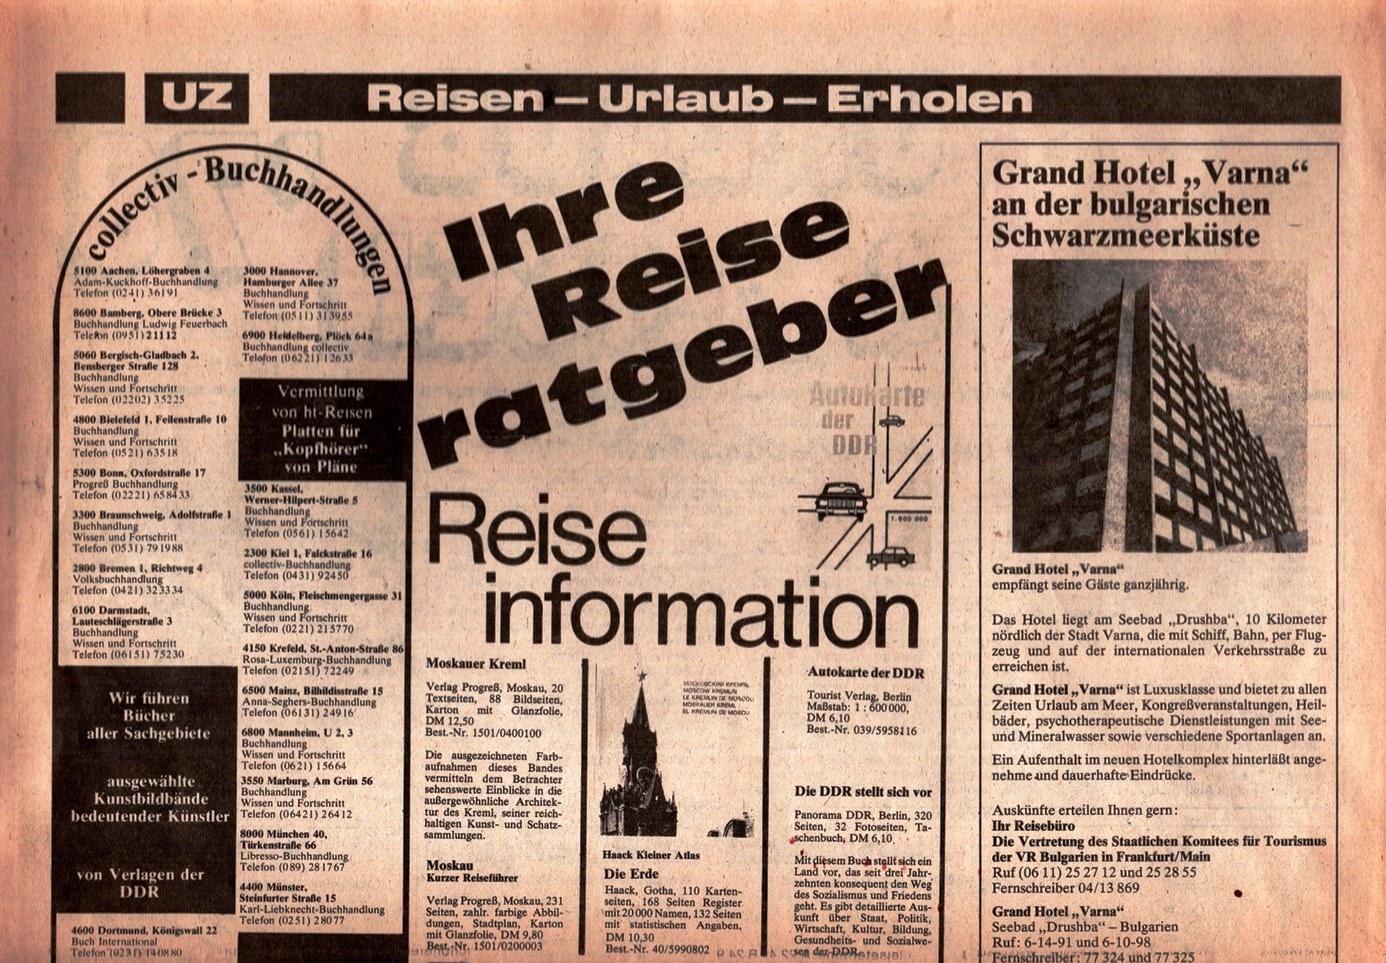 Muenchen_DKP_Neues_Muenchen_19780600_006_011